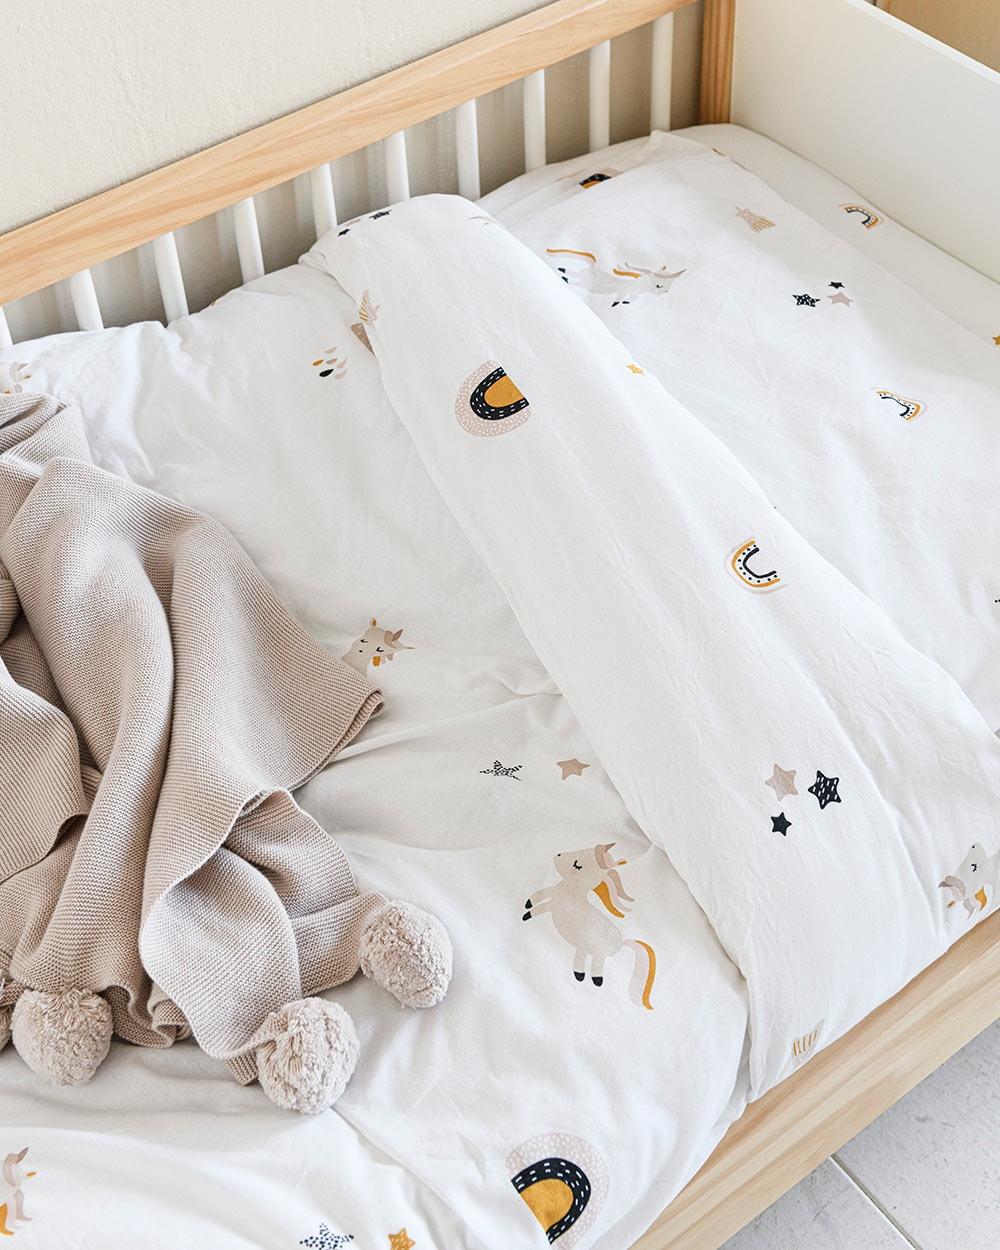 Chambre enfant lit enfant 2 ans housse de couette licorne Petite Amélie